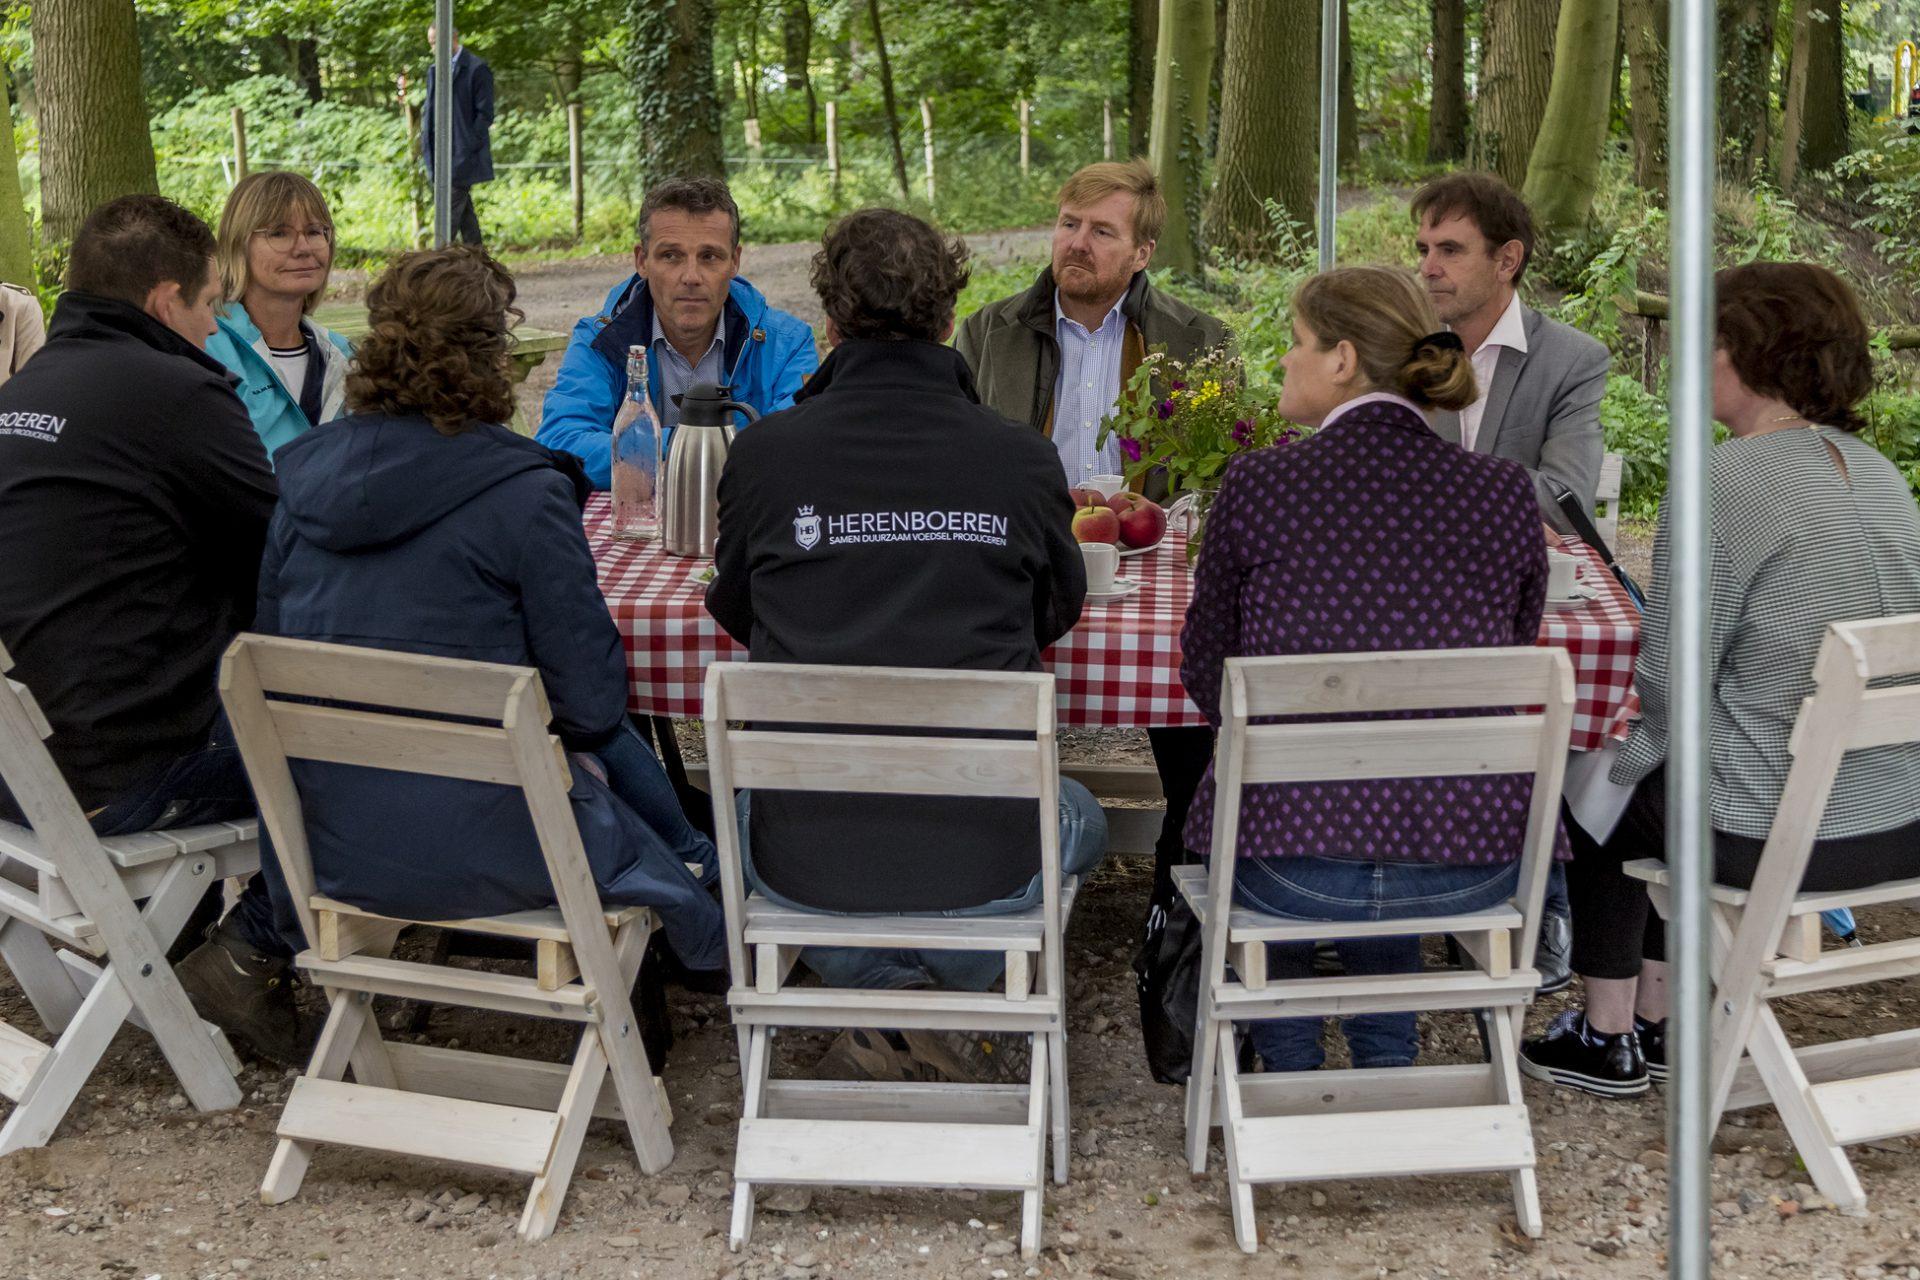 Koninklijk bezoek aan Herenboeren Wilhelminapark